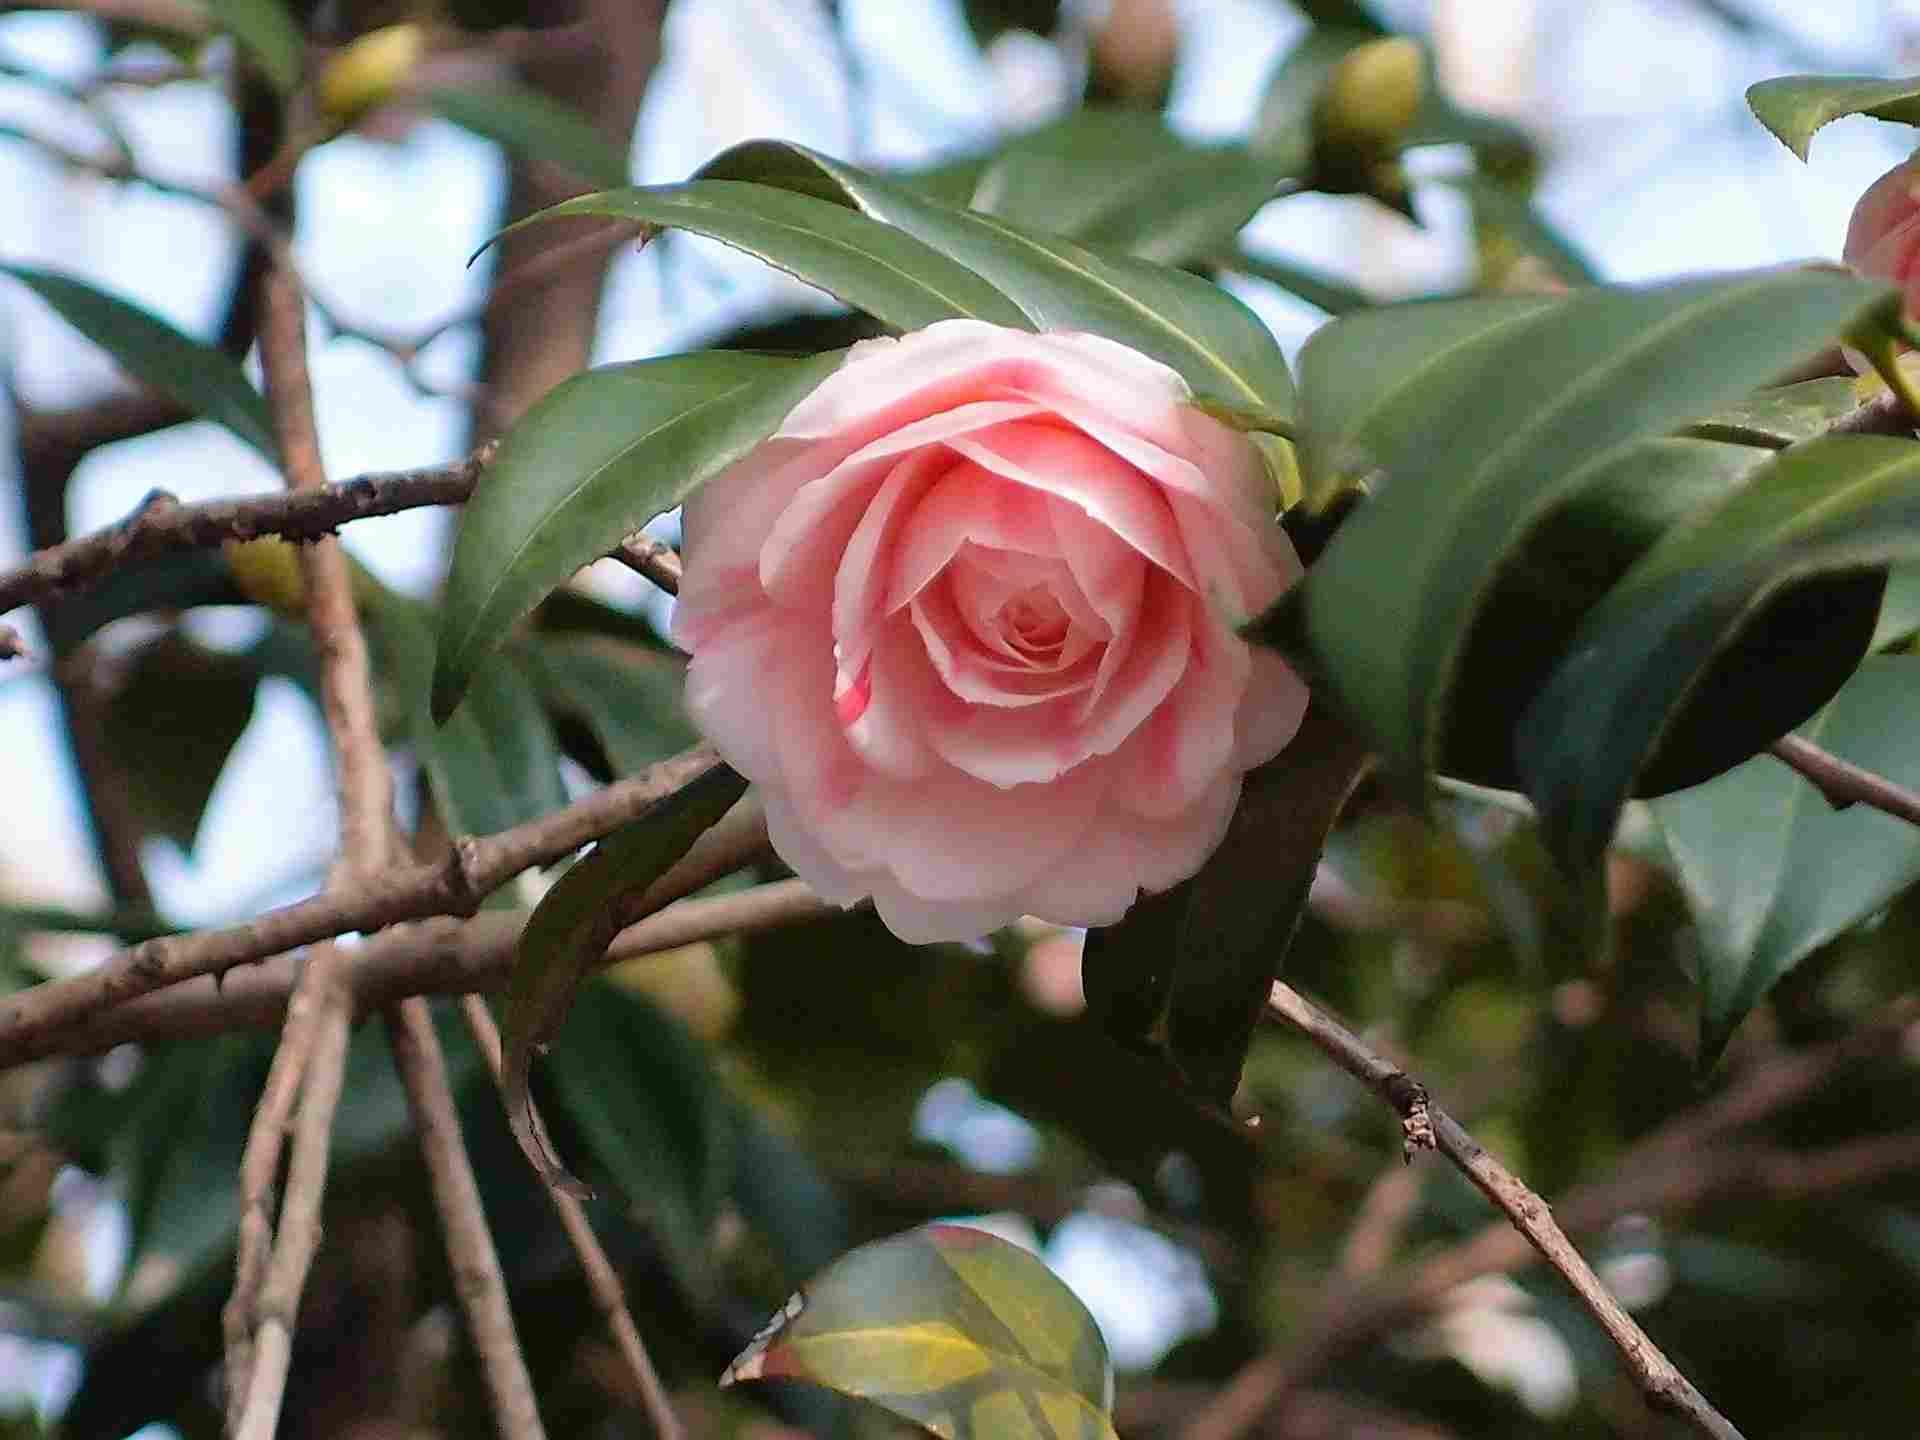 Fleur qui fleurit en hiver - Fleurs qui fleurissent en hiver ...